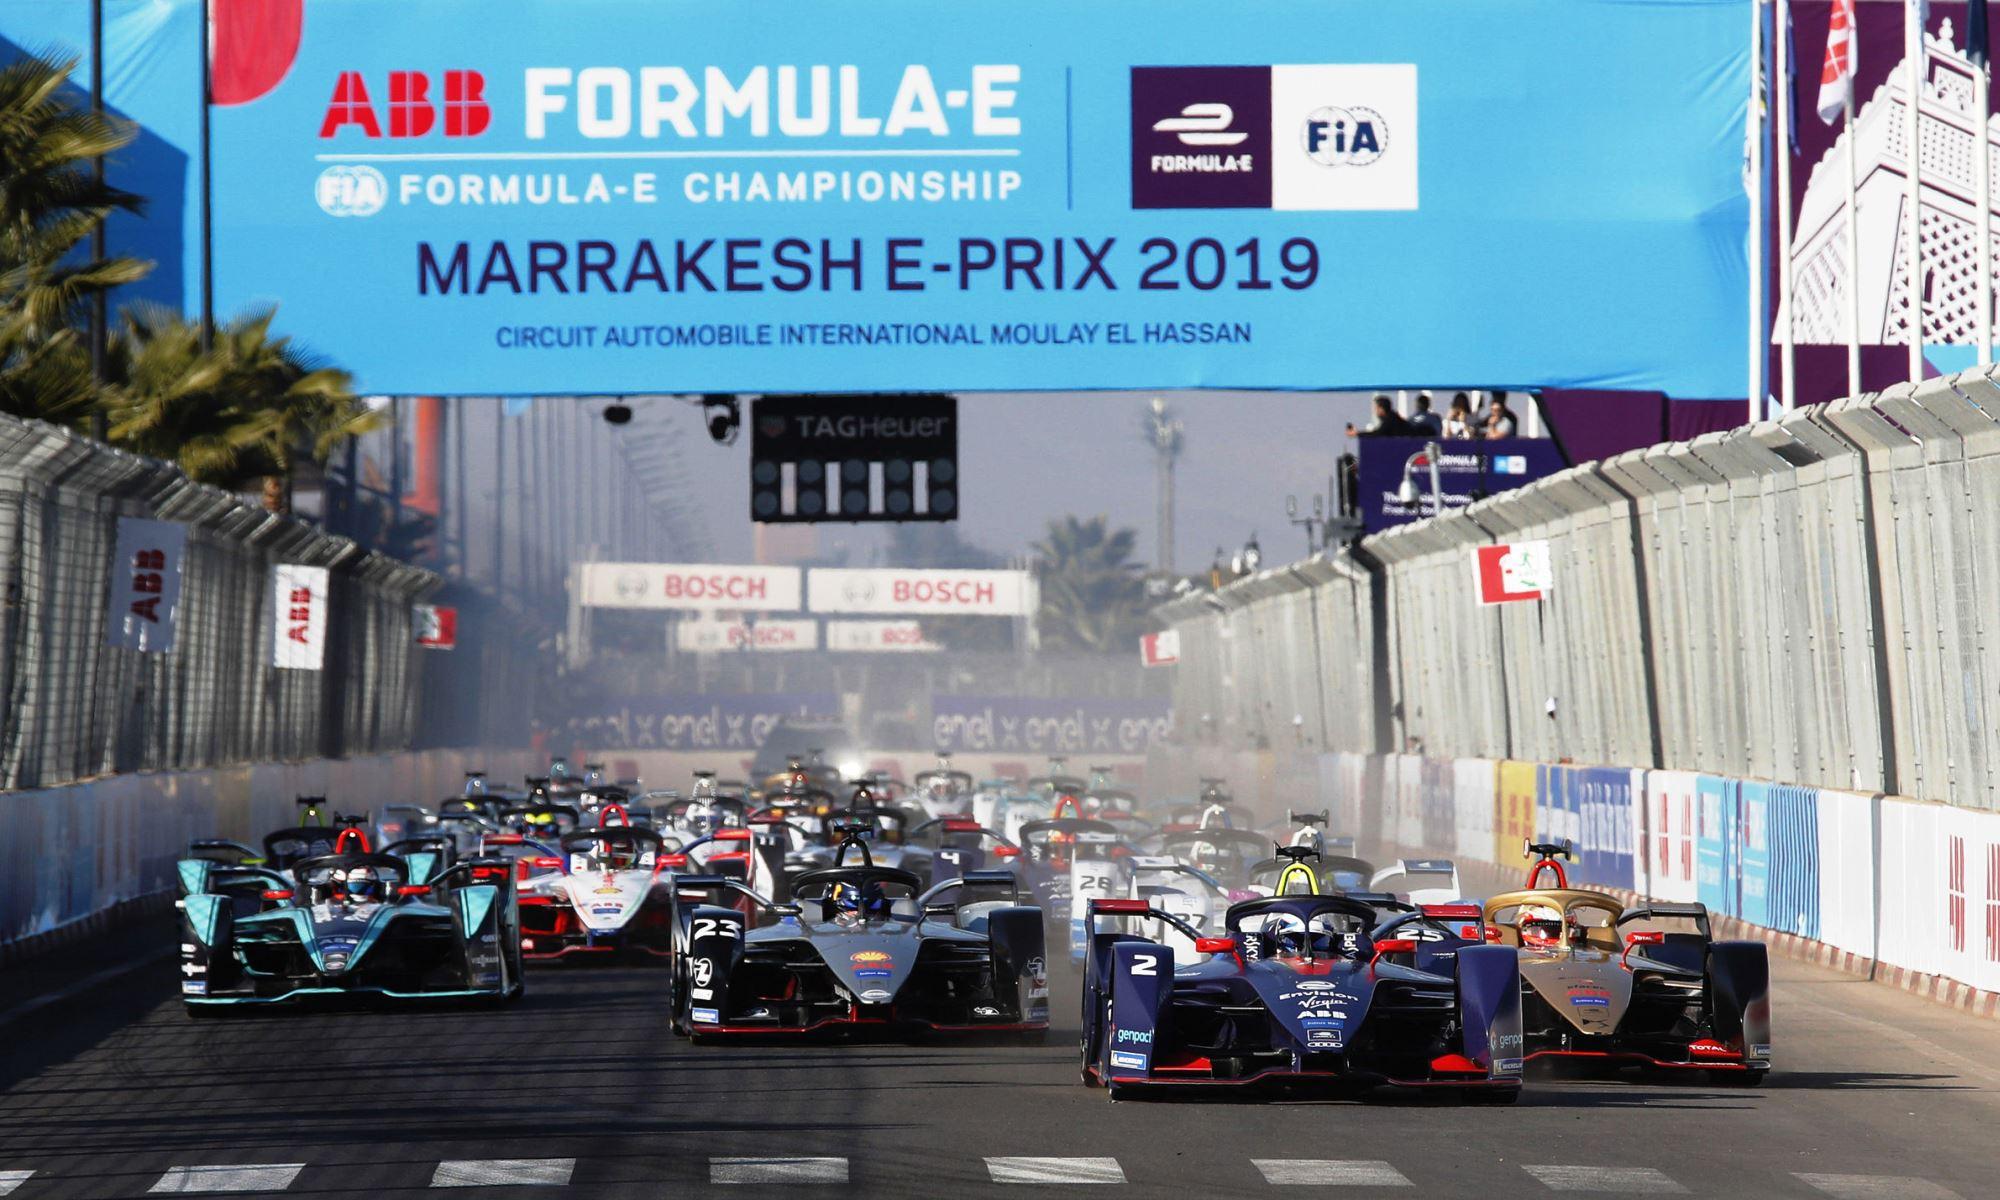 Formula E in Morocco